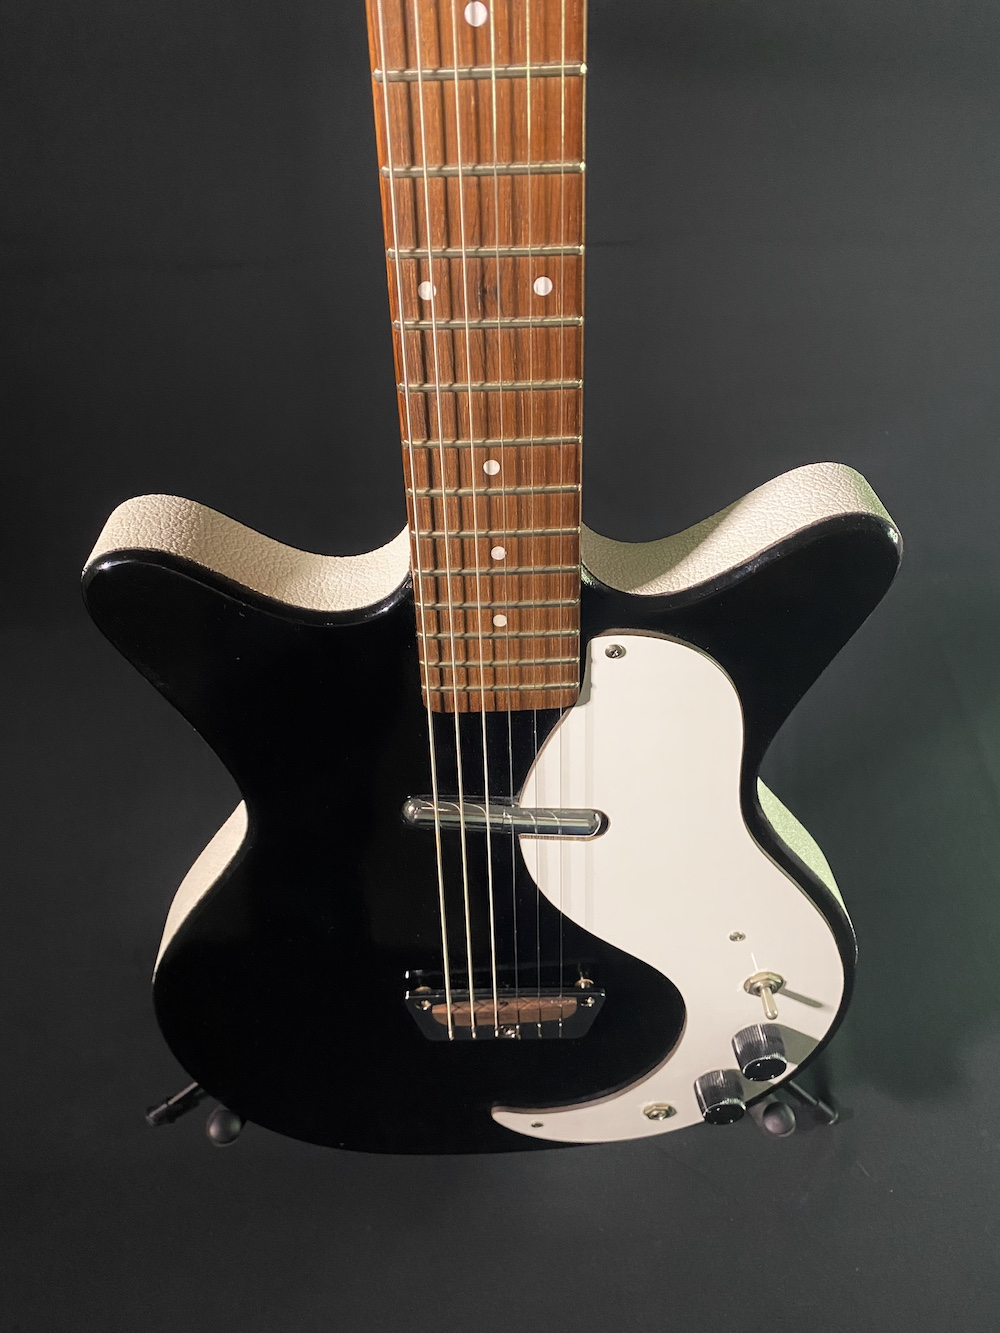 1959 Danelectro Shorthorn Vintage Guitar 03